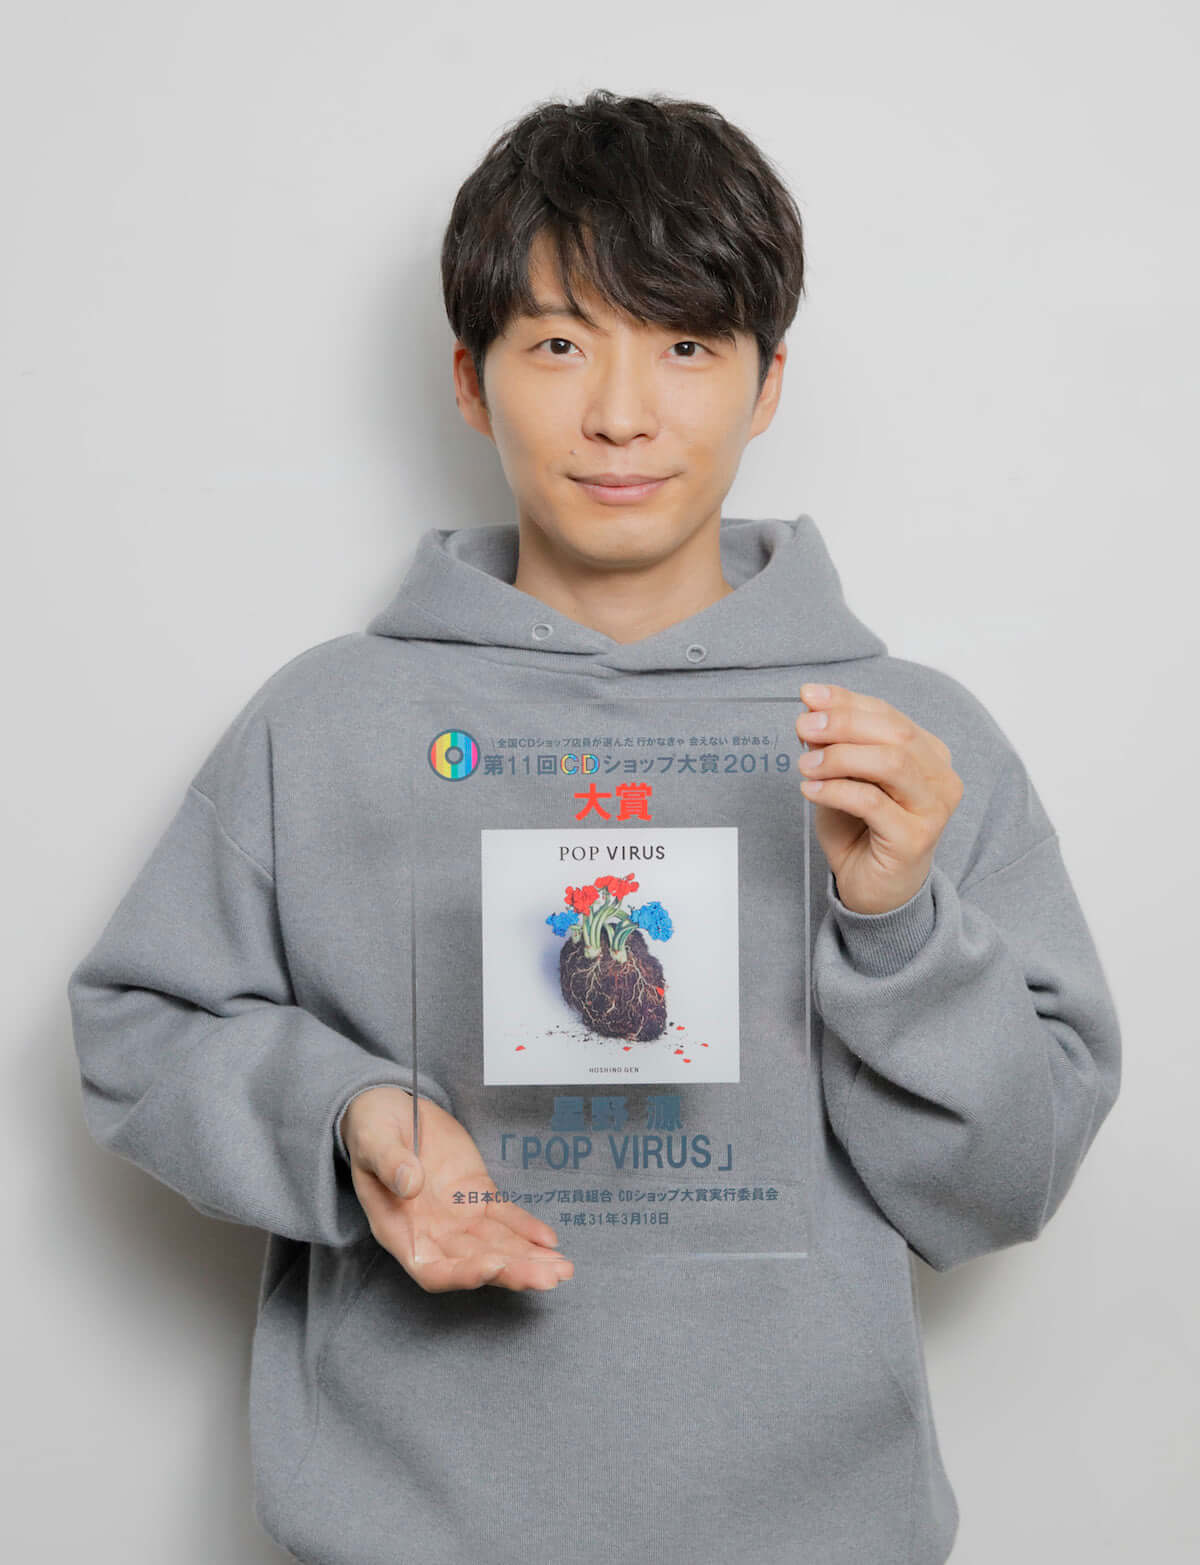 星野源、アルバム『POP VIRUS』で史上初の「CDショップ大賞」大賞2度目の受賞! music190318_hoshinogen_main-1200x1565